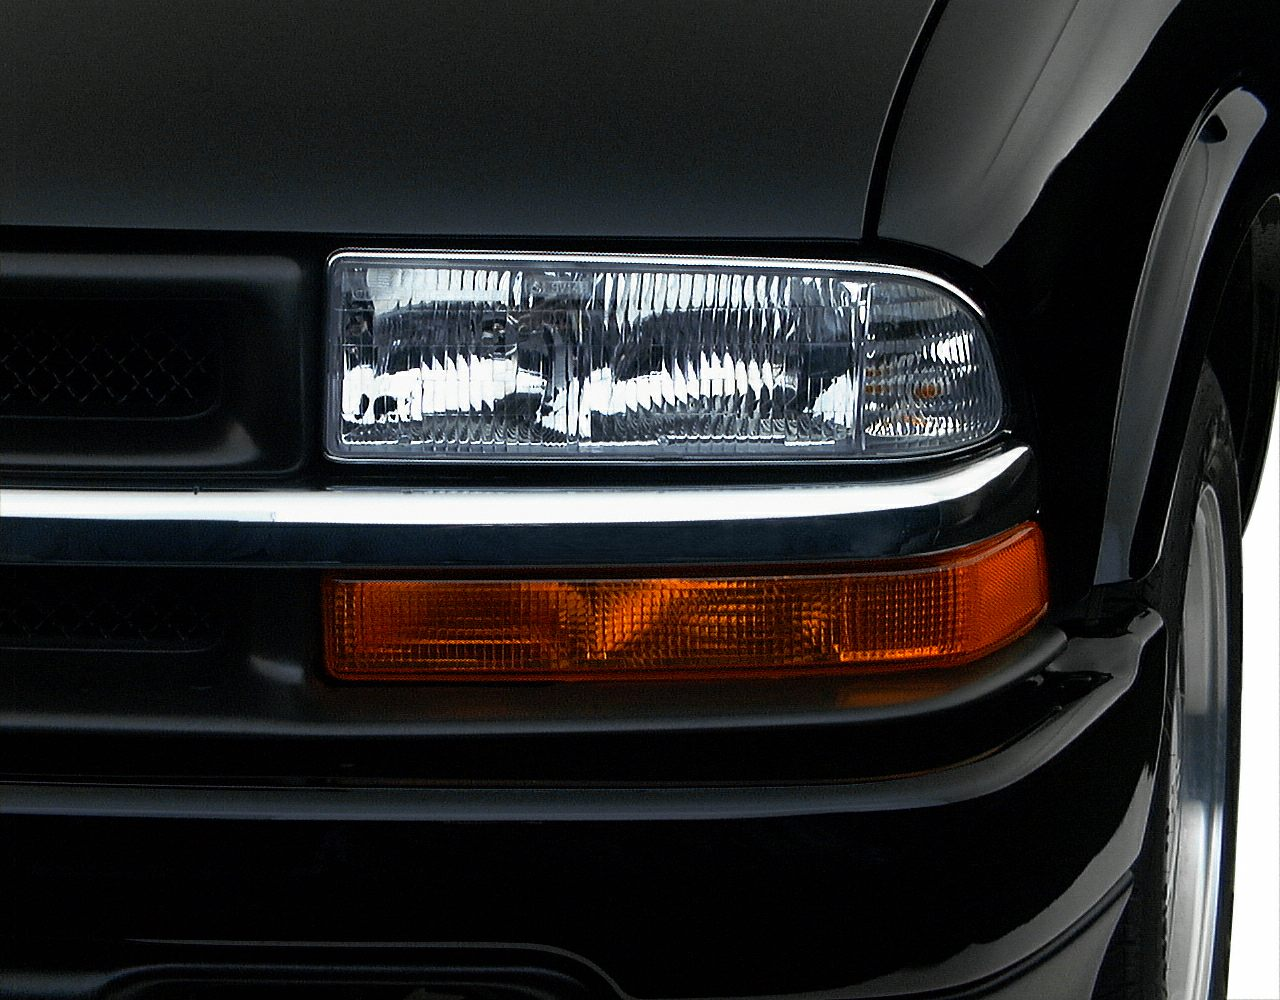 2000 Chevrolet S-10 Exterior Photo